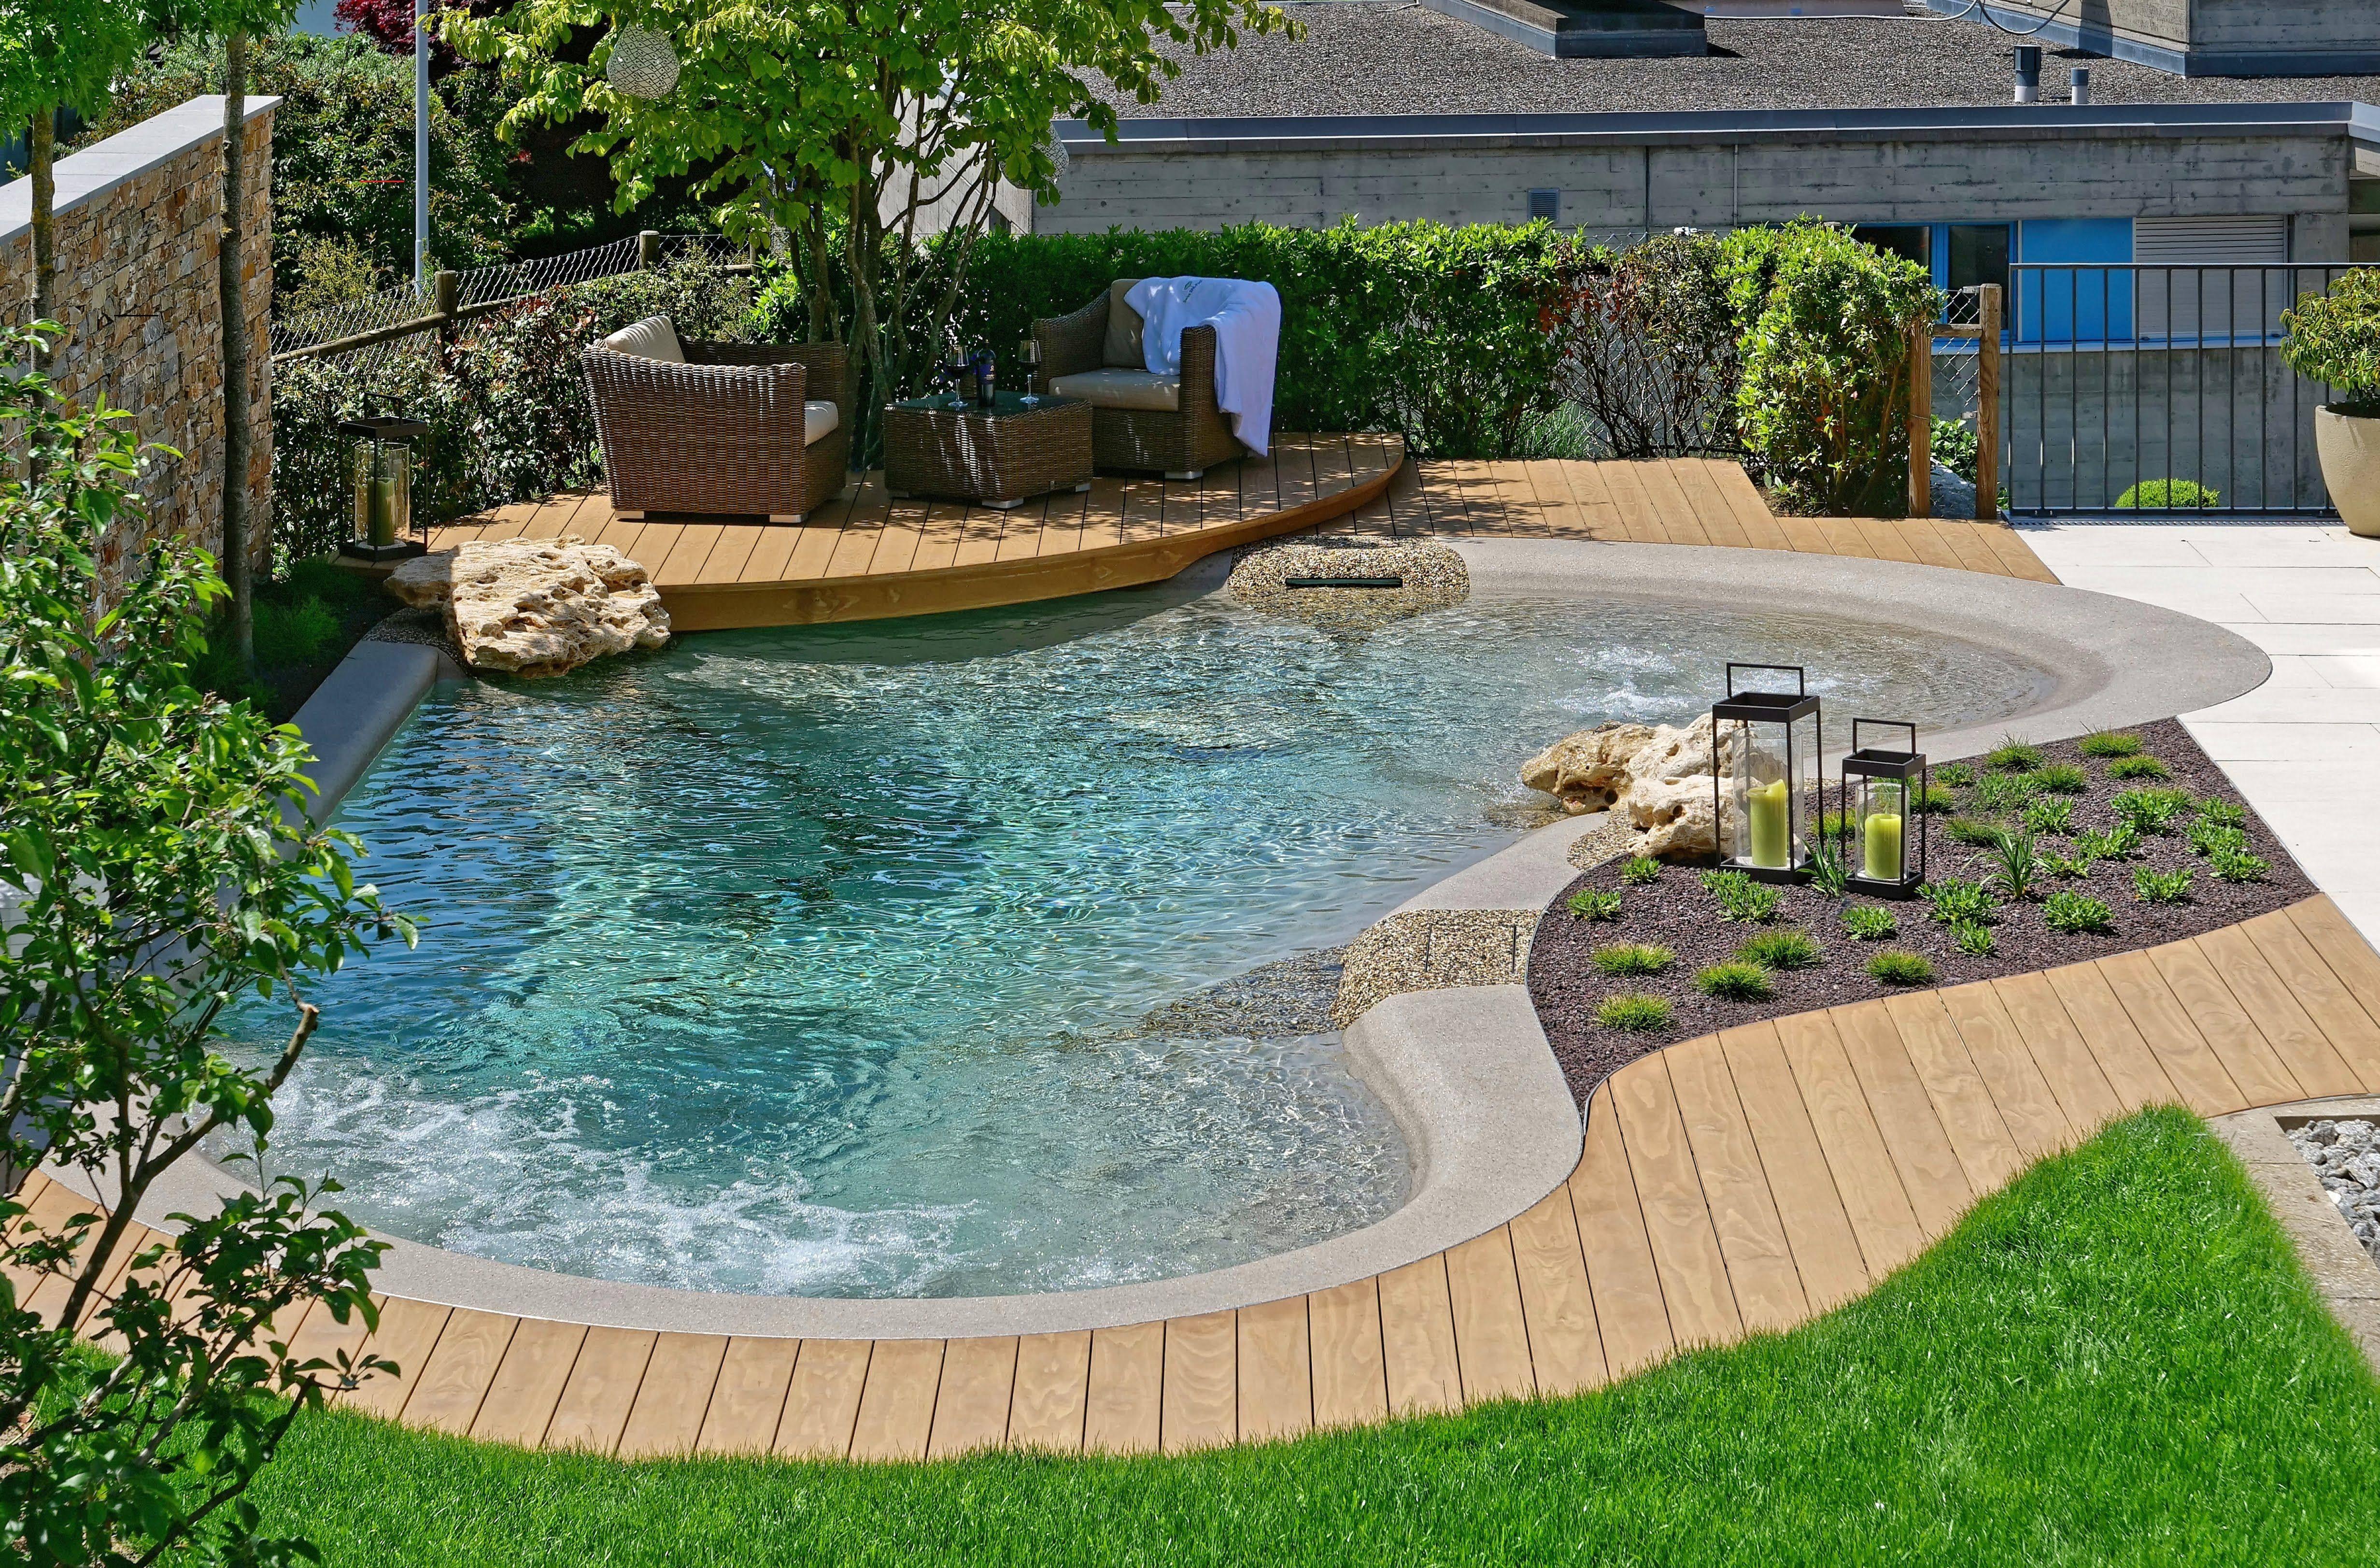 Biodesign Pool Poolimgartenideen Small Backyard Pools Swimming Pools Backyard Small Pool Design